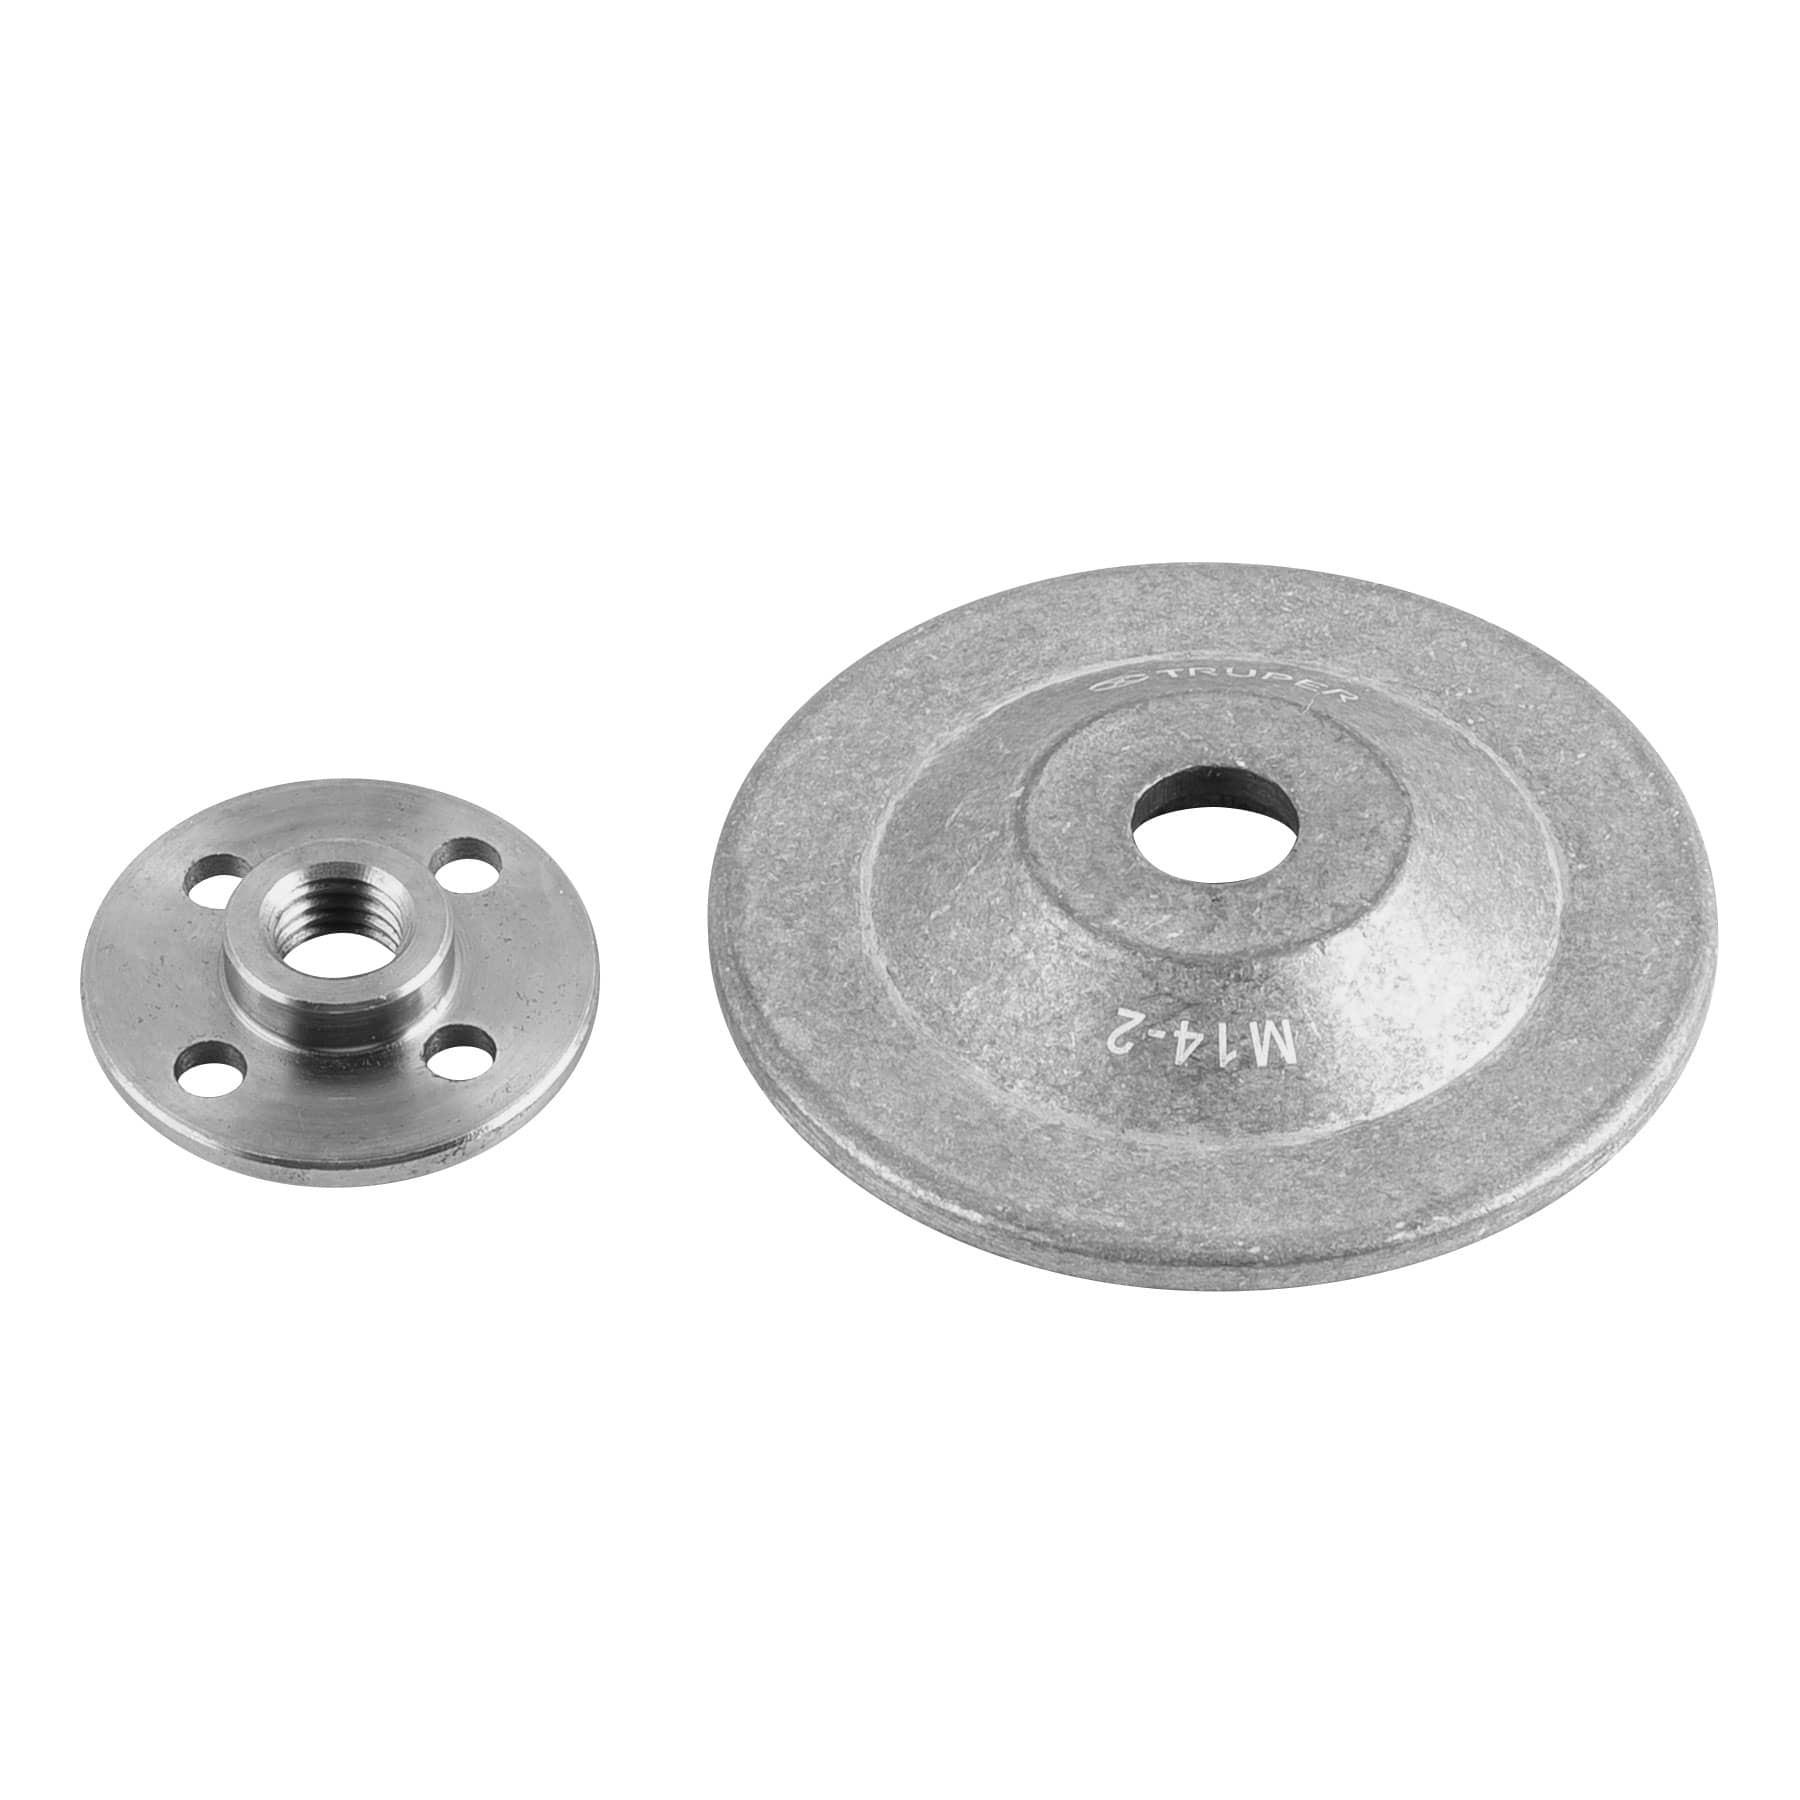 Adaptador para discos tipo 42, rosca milimétrica M14-2.0 mm